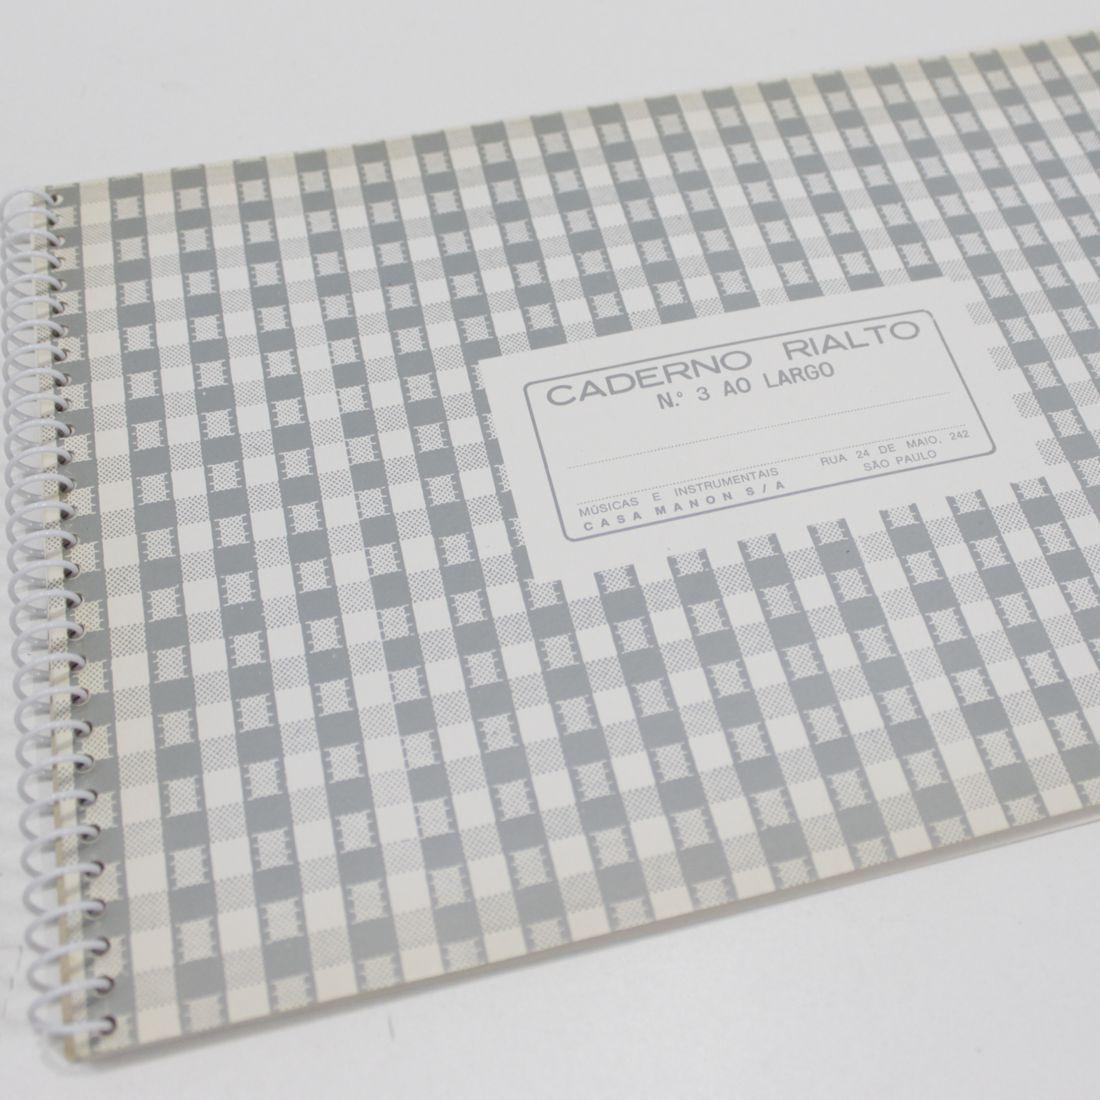 Caderno de Musica Grande 80 Páginas com Pauta / Pentagrama (40 Folhas) - Pacote com 05 Unidades - Ponta de Estoque